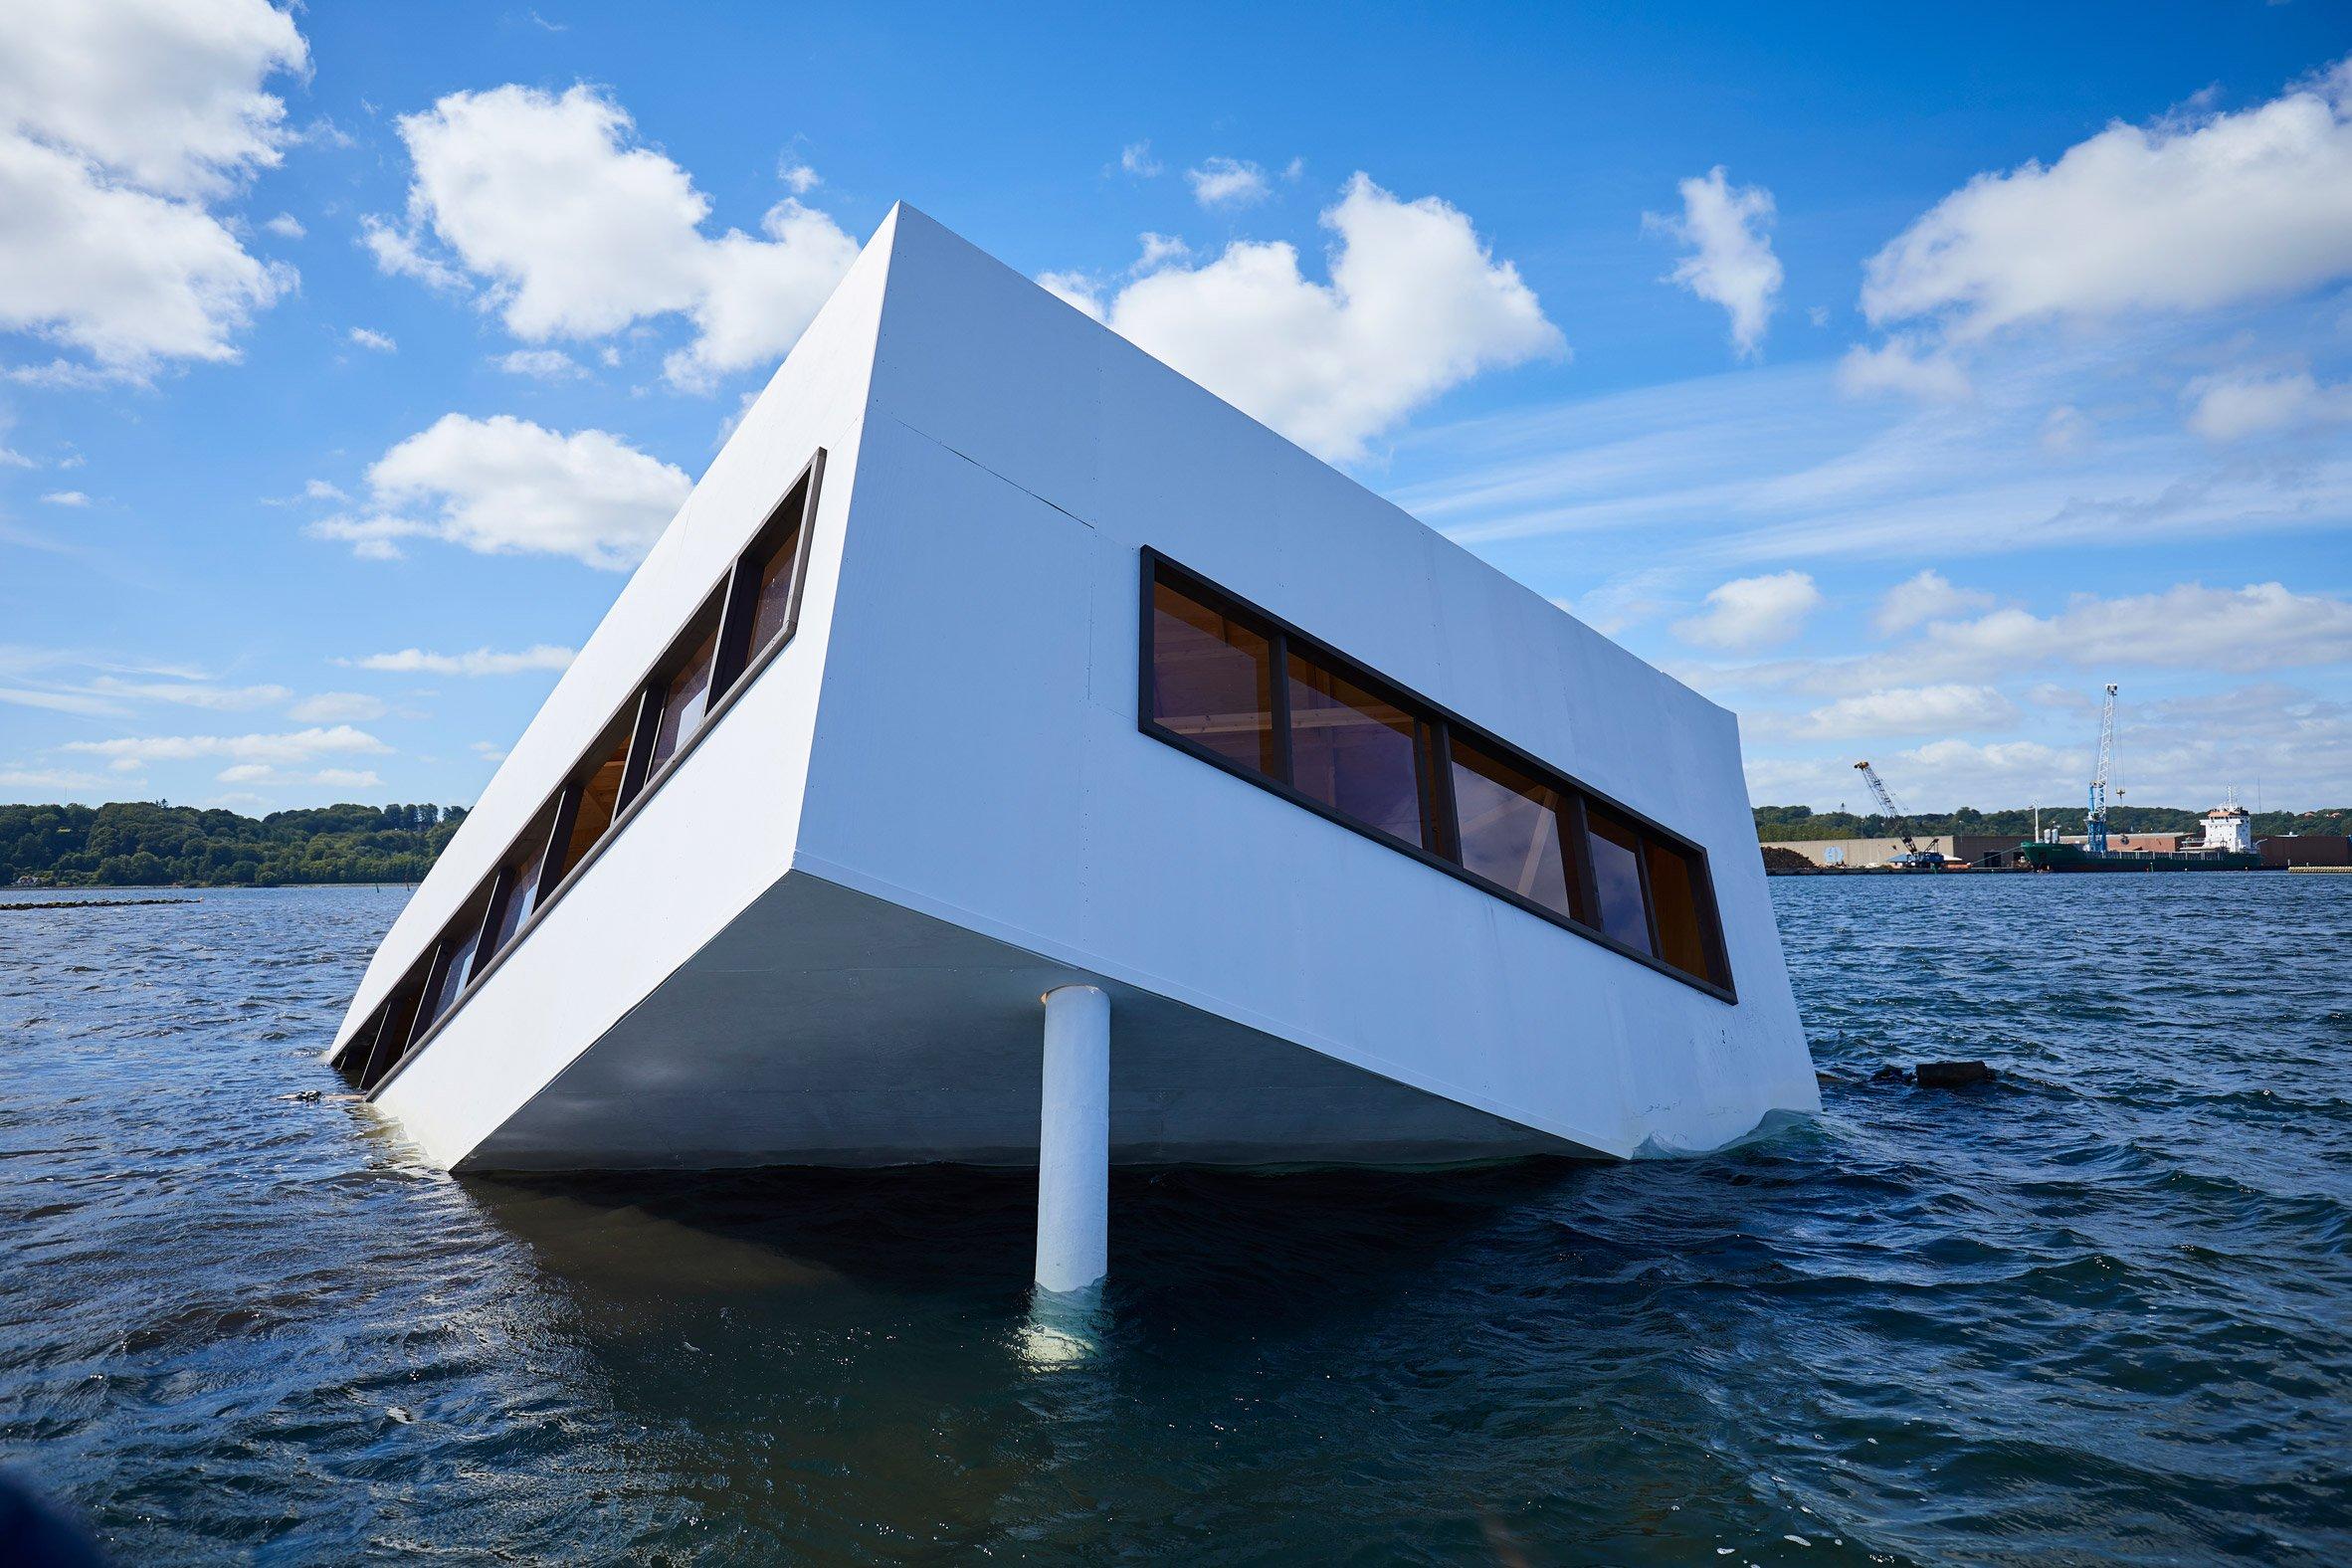 IGNANT-Art-Asmund-Havesteen-Mikkelsen-Flooded-Modernity-2